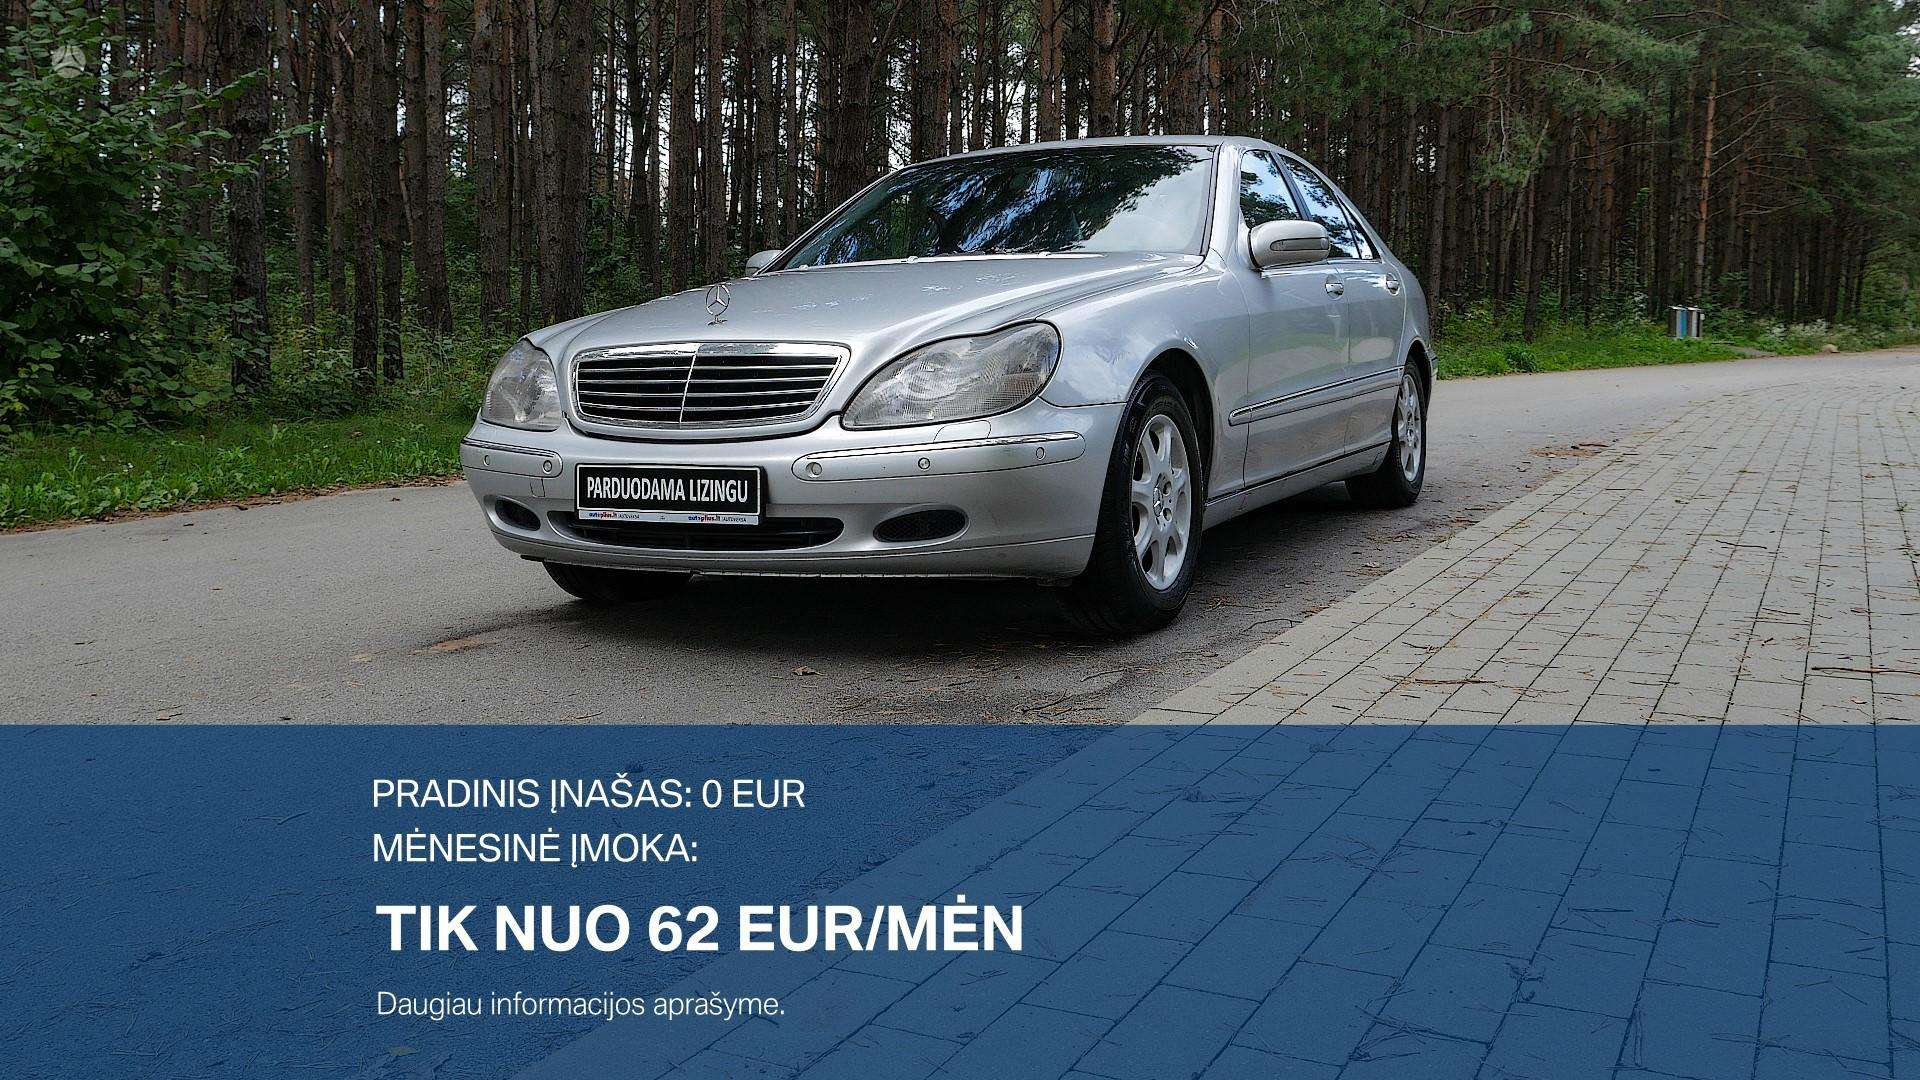 Mercedes-Benz S320 Išsimokėtinai nuo 62Eur/Mėn su 3 mėnesių garantija